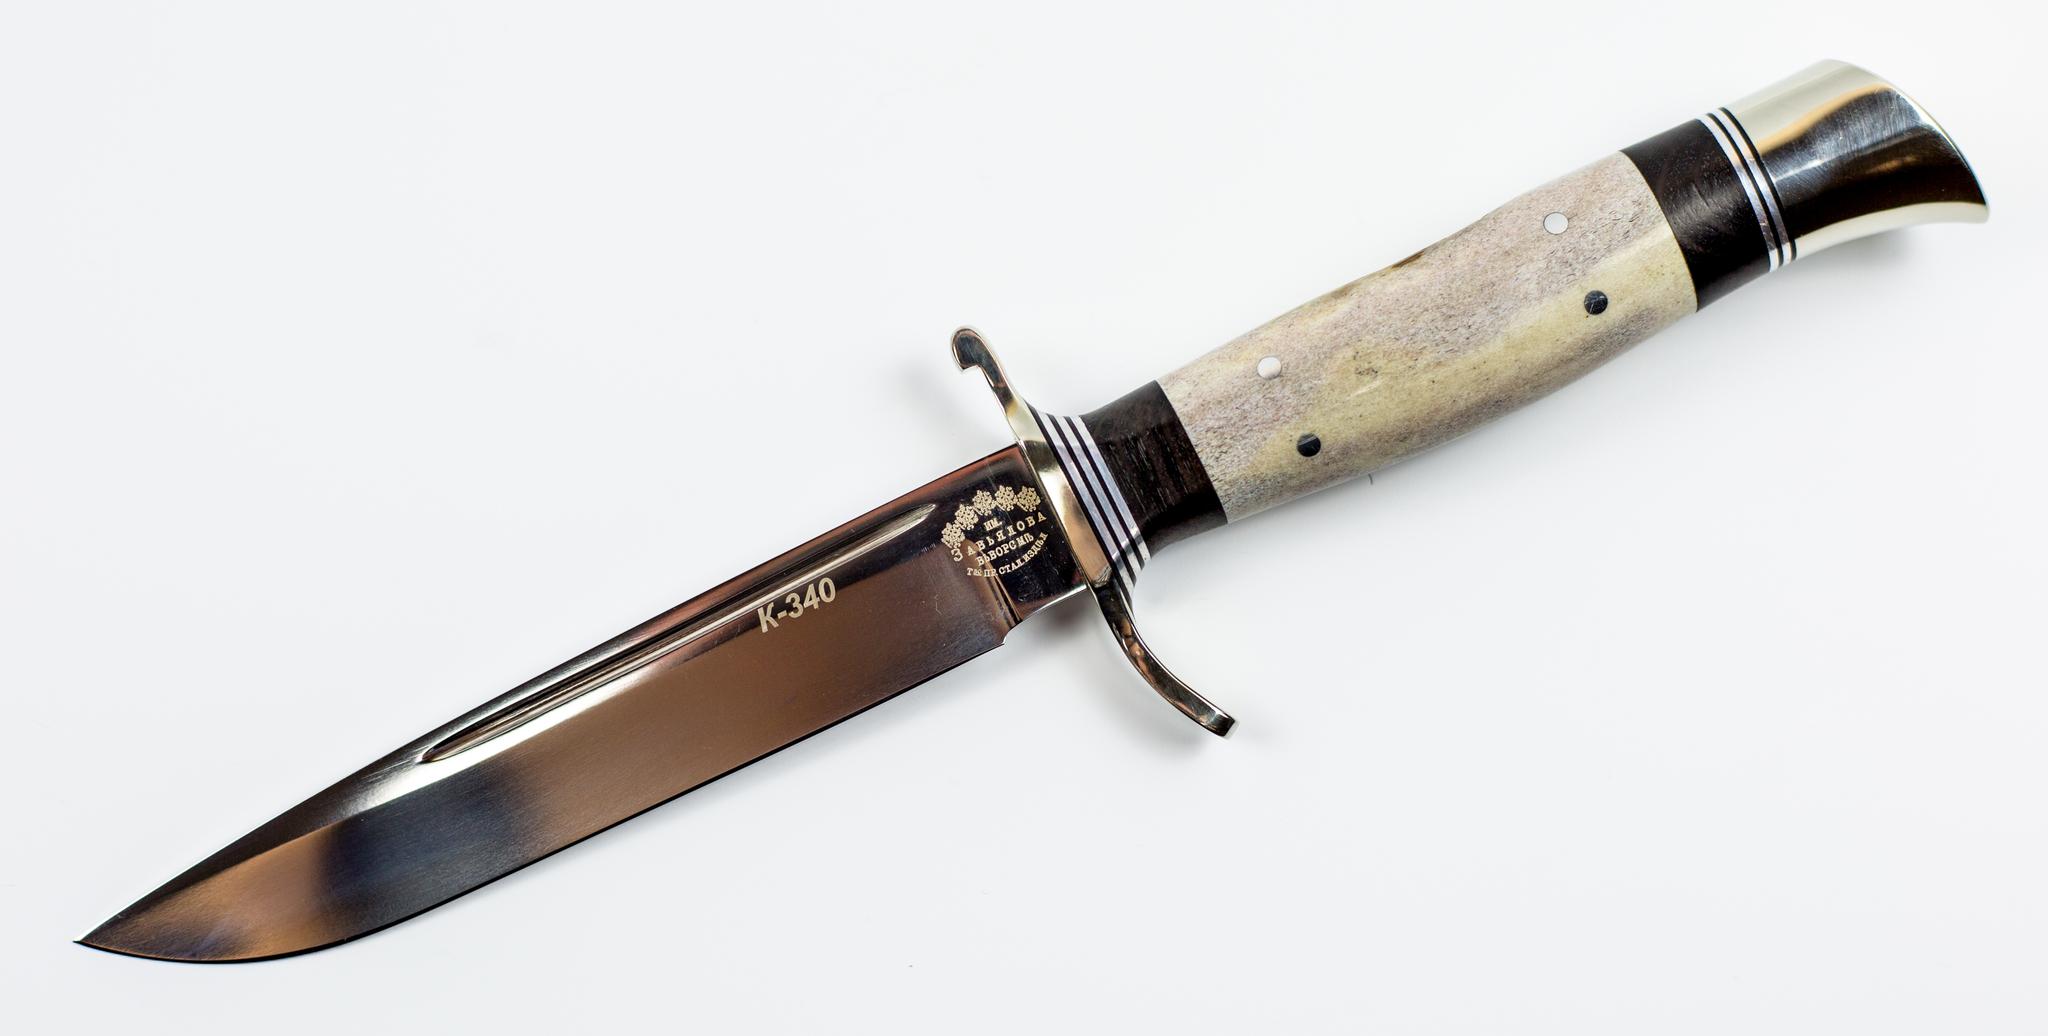 Финка НКВД сталь K340, ручка рог